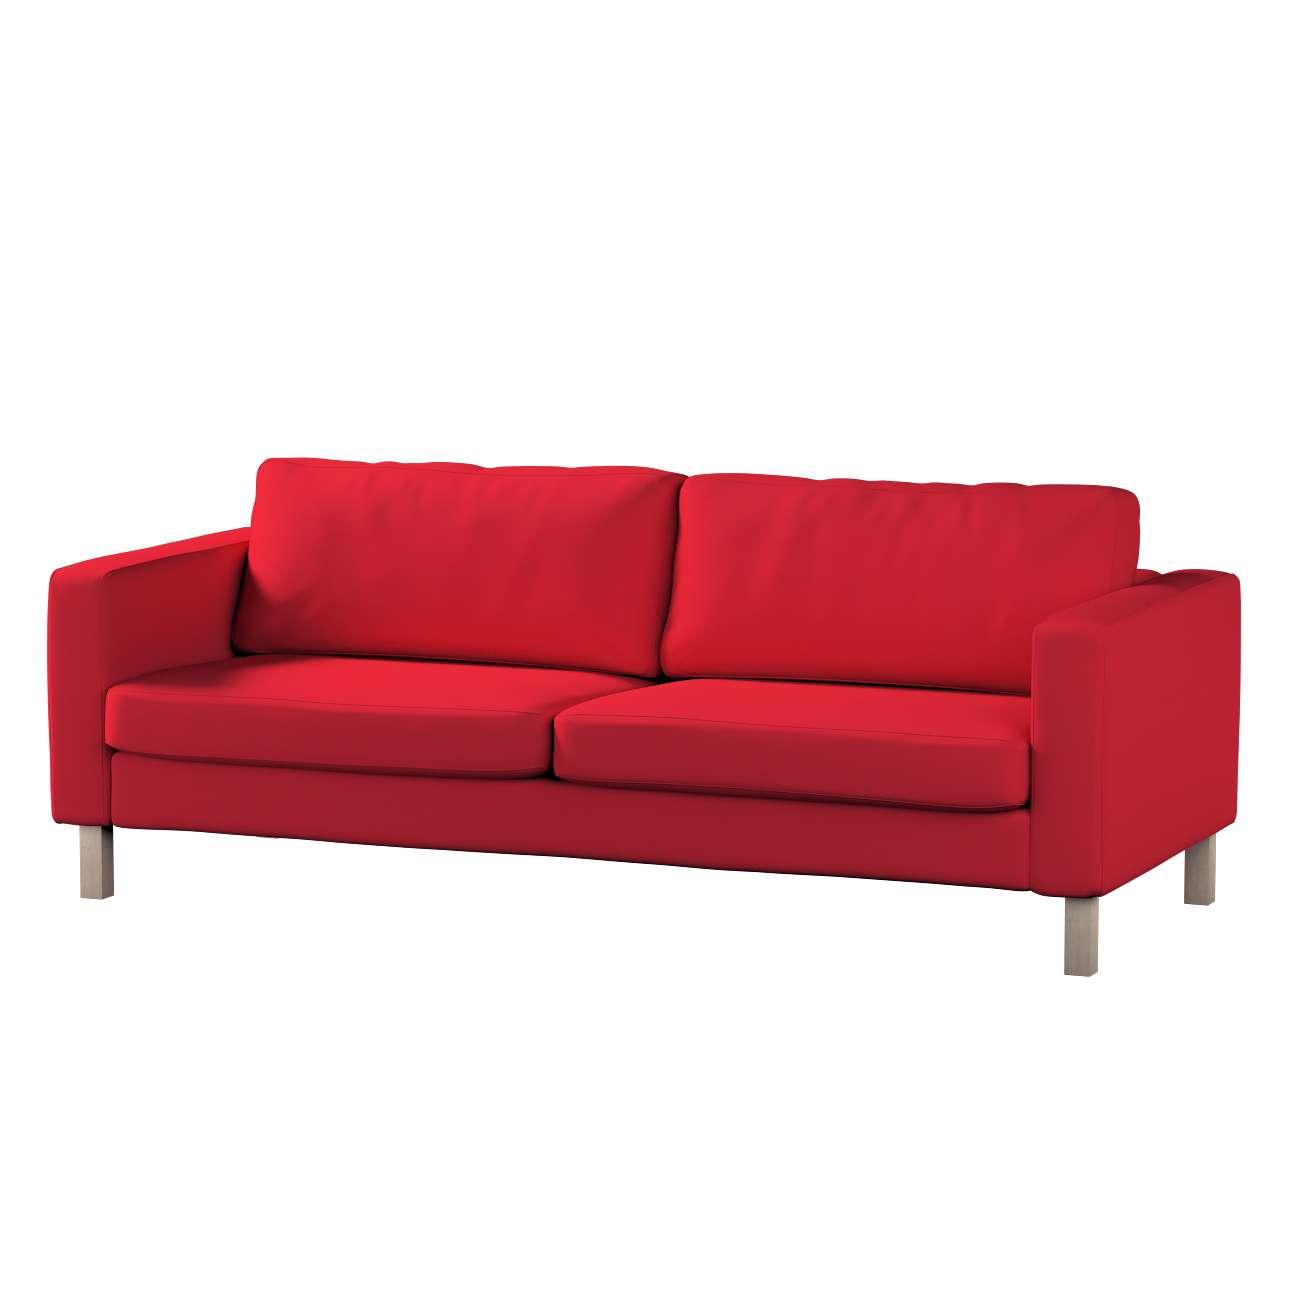 Poťah na sedačku Karlstad (nerozkladá sa, pre 3 osoby, krátka) V kolekcii Cotton Panama, tkanina: 702-04